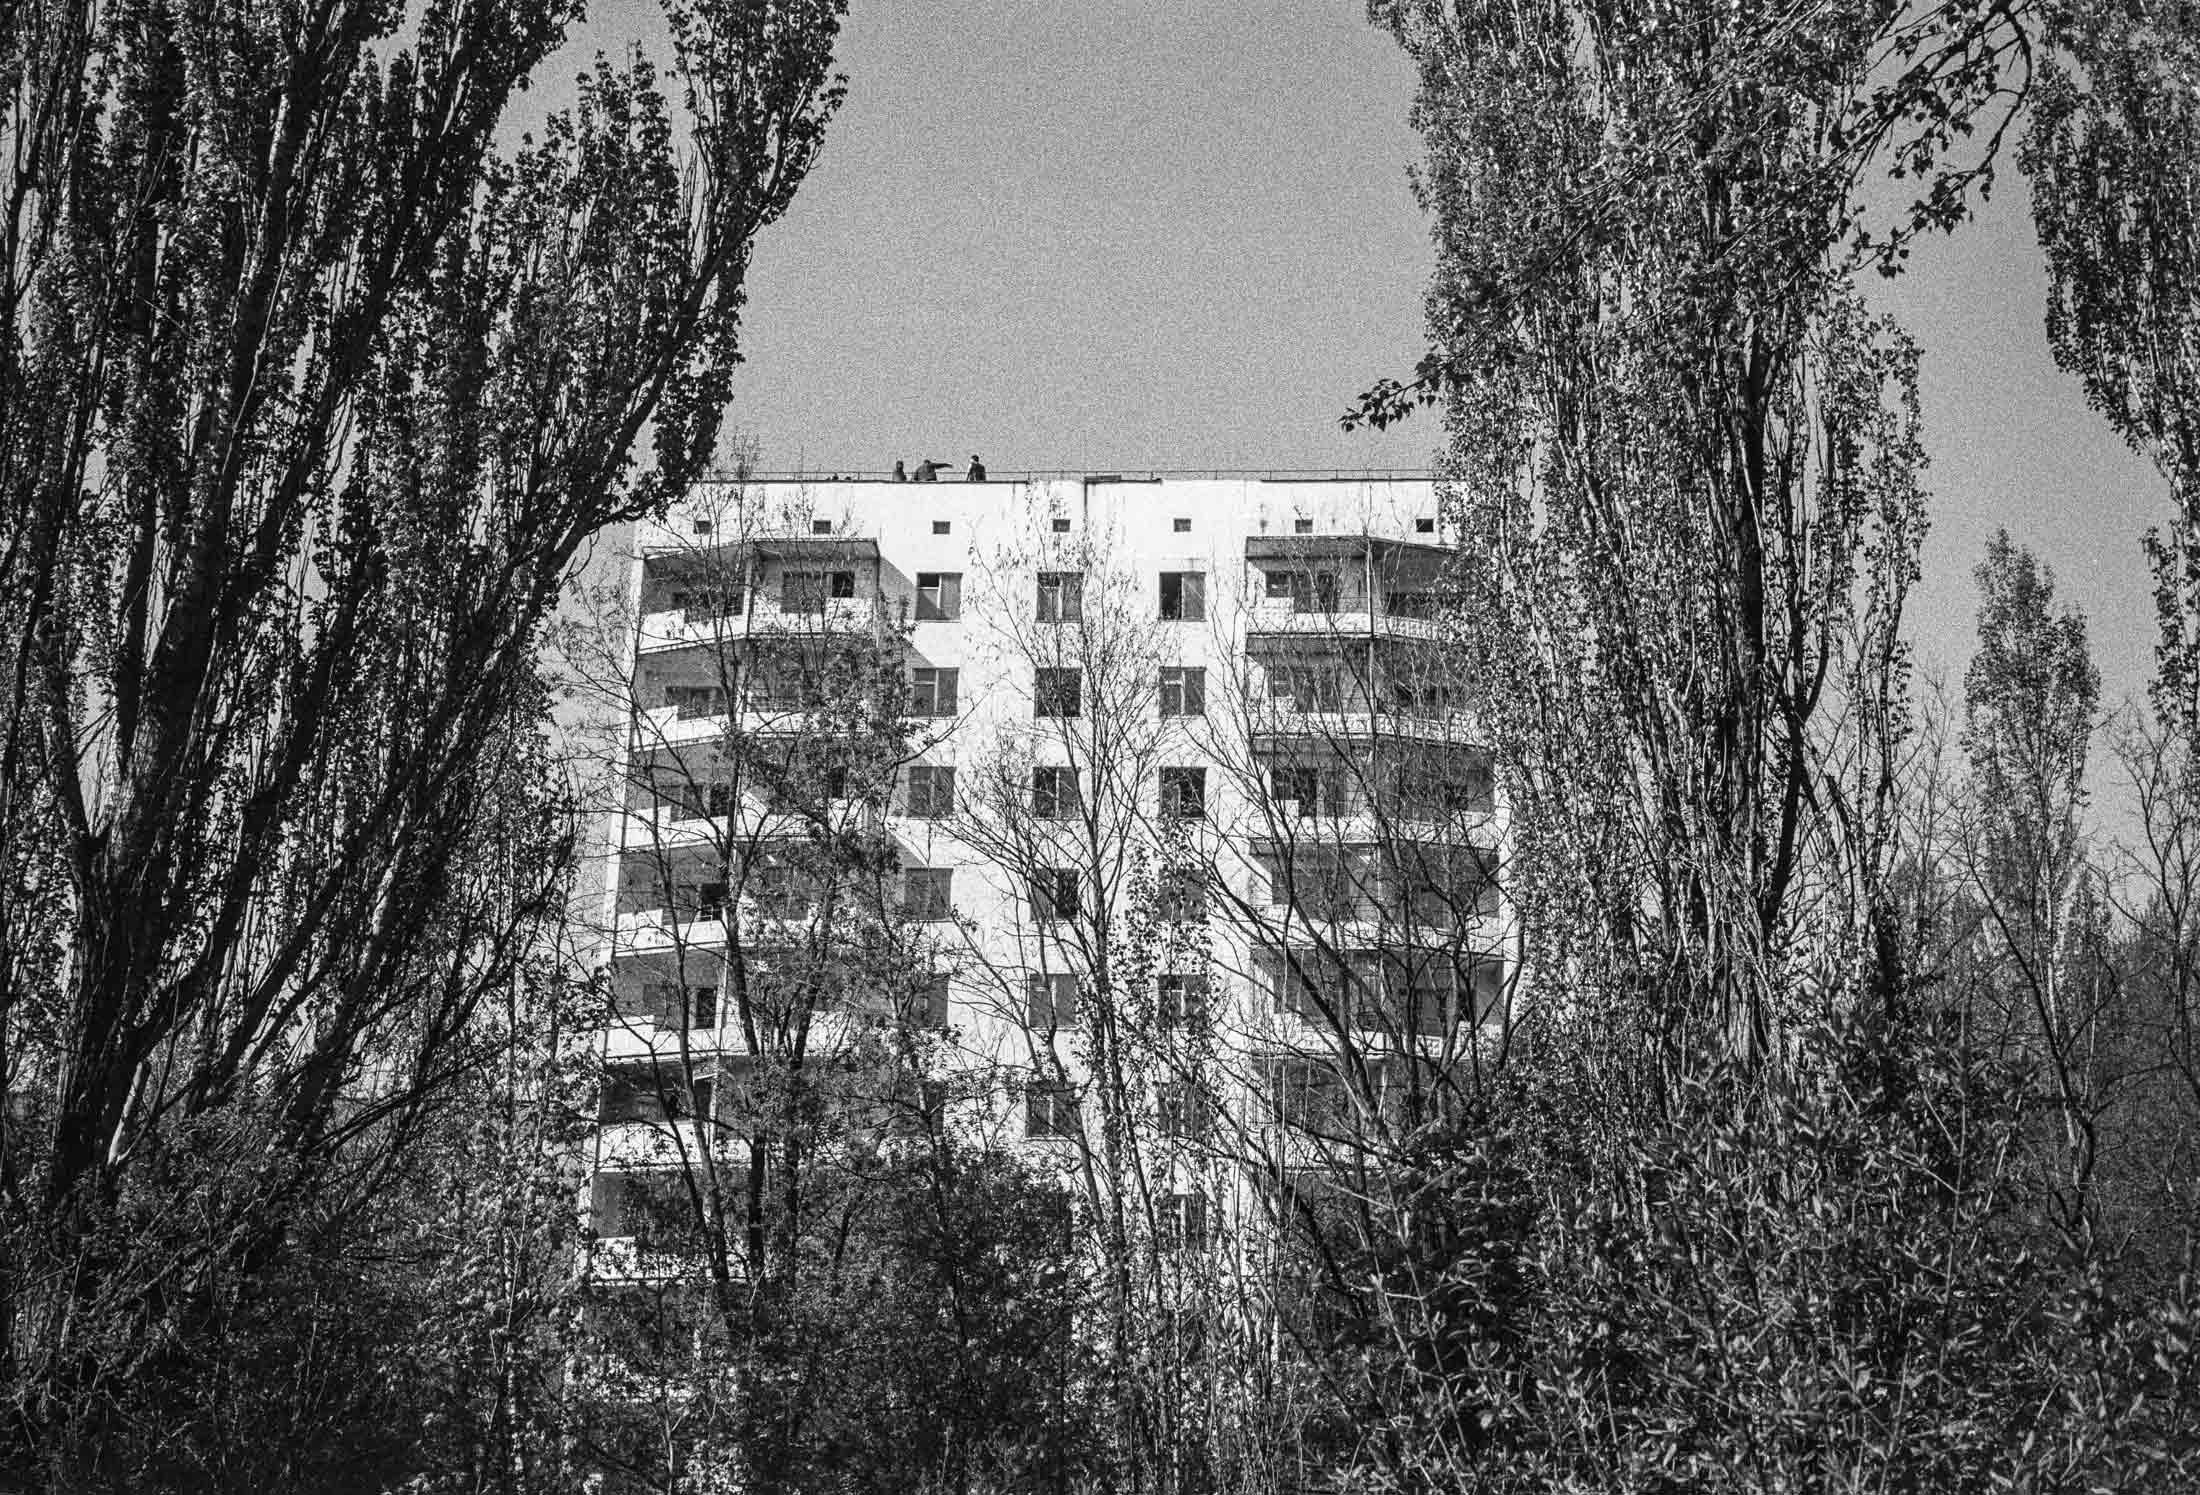 lomakin untitled 1222 - <b>Повернення до Прип'яті.</b> Андрій Ломакін і його «Візитери» в «Рівні цензури» - Заборона